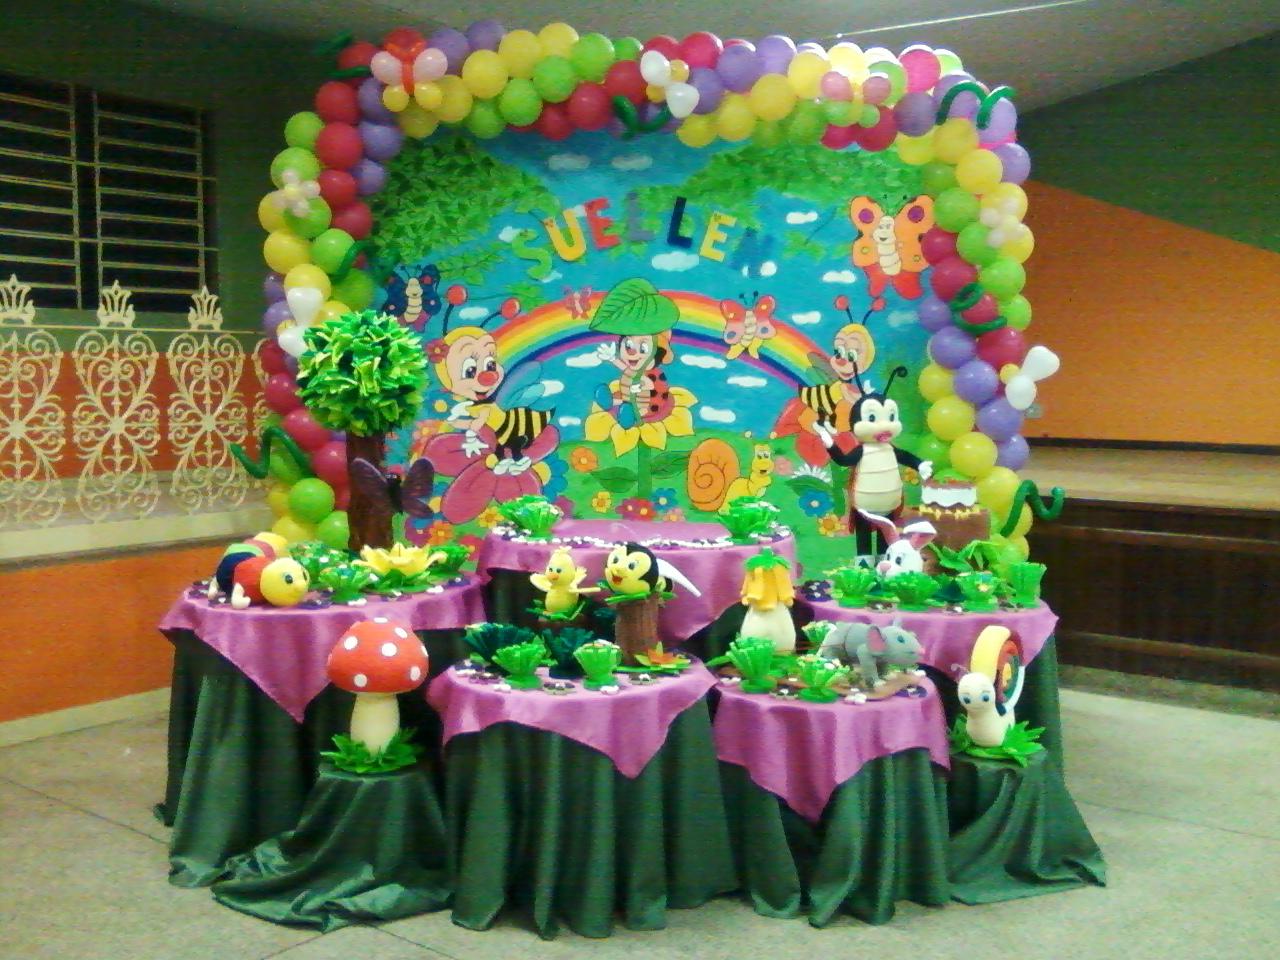 fotos de aniversario tema jardim encantado:Decoracao Para Festa De Aniversario